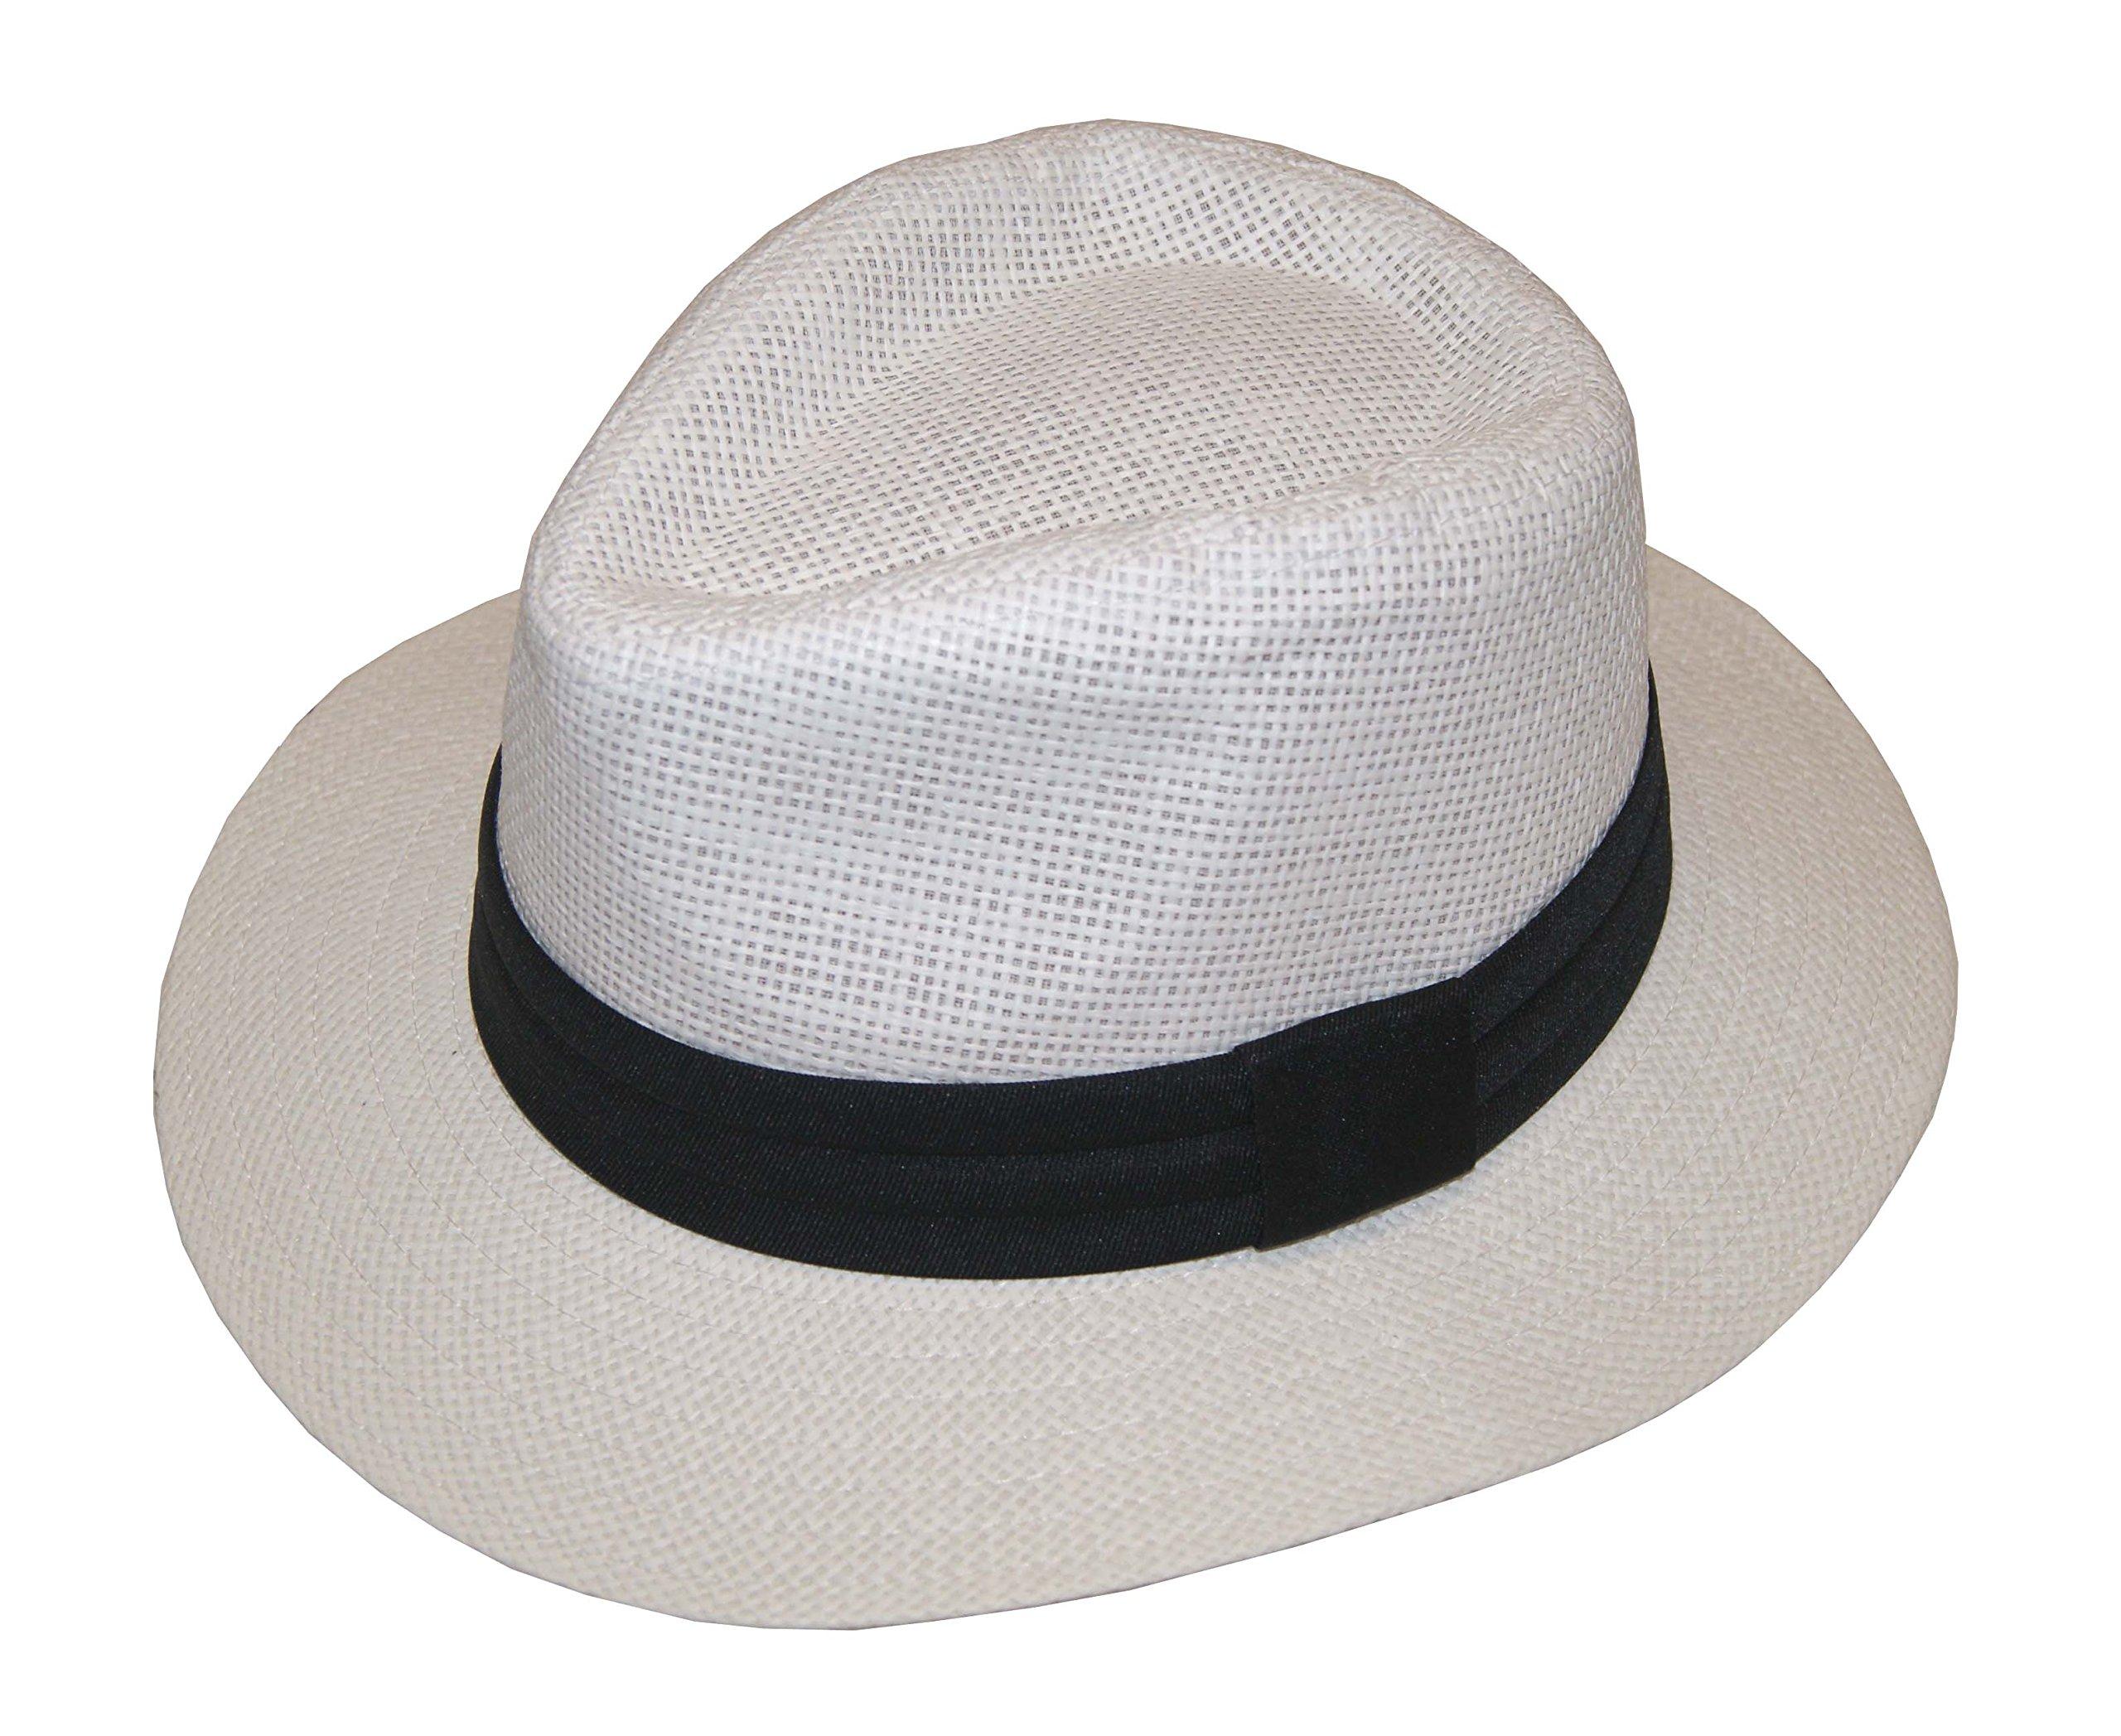 Fashion Man Summer Golf Sun Hat Panama Cap - Brand New